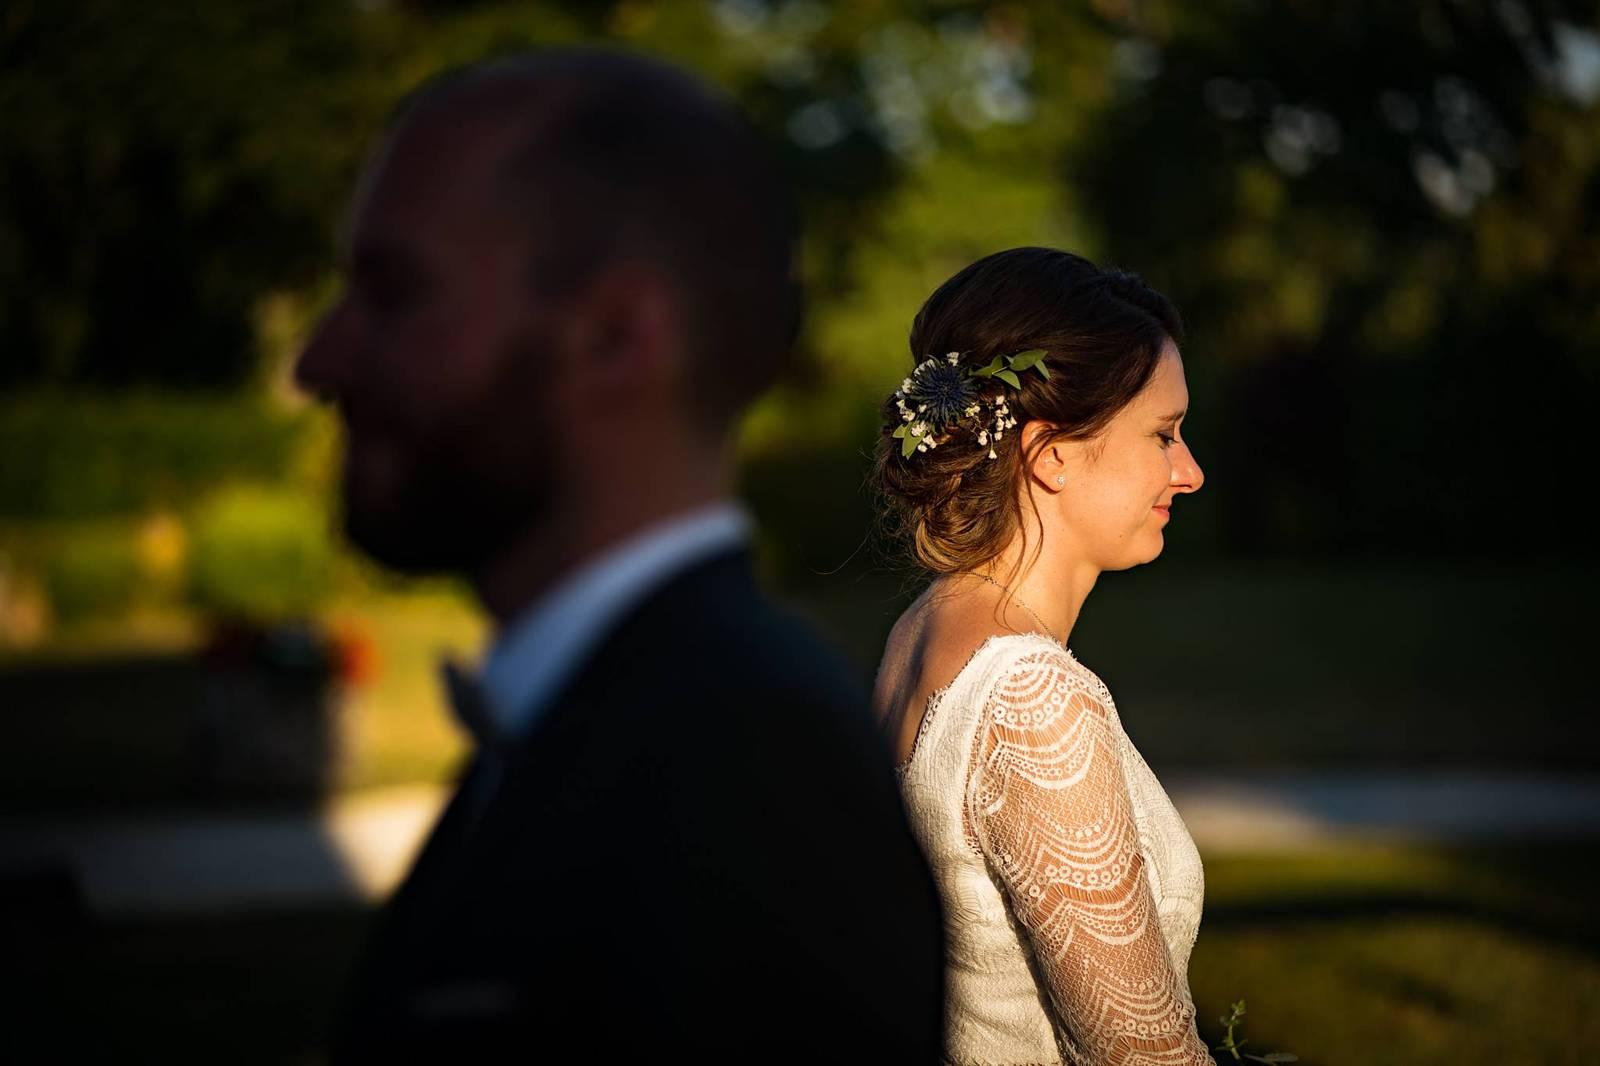 Le teaser du mariage civil et de la cérémonie laïque de Hélène et Alexis à Pessac puis au Château de Flojague. Alexandre Roschewitz Photographe Mariage.